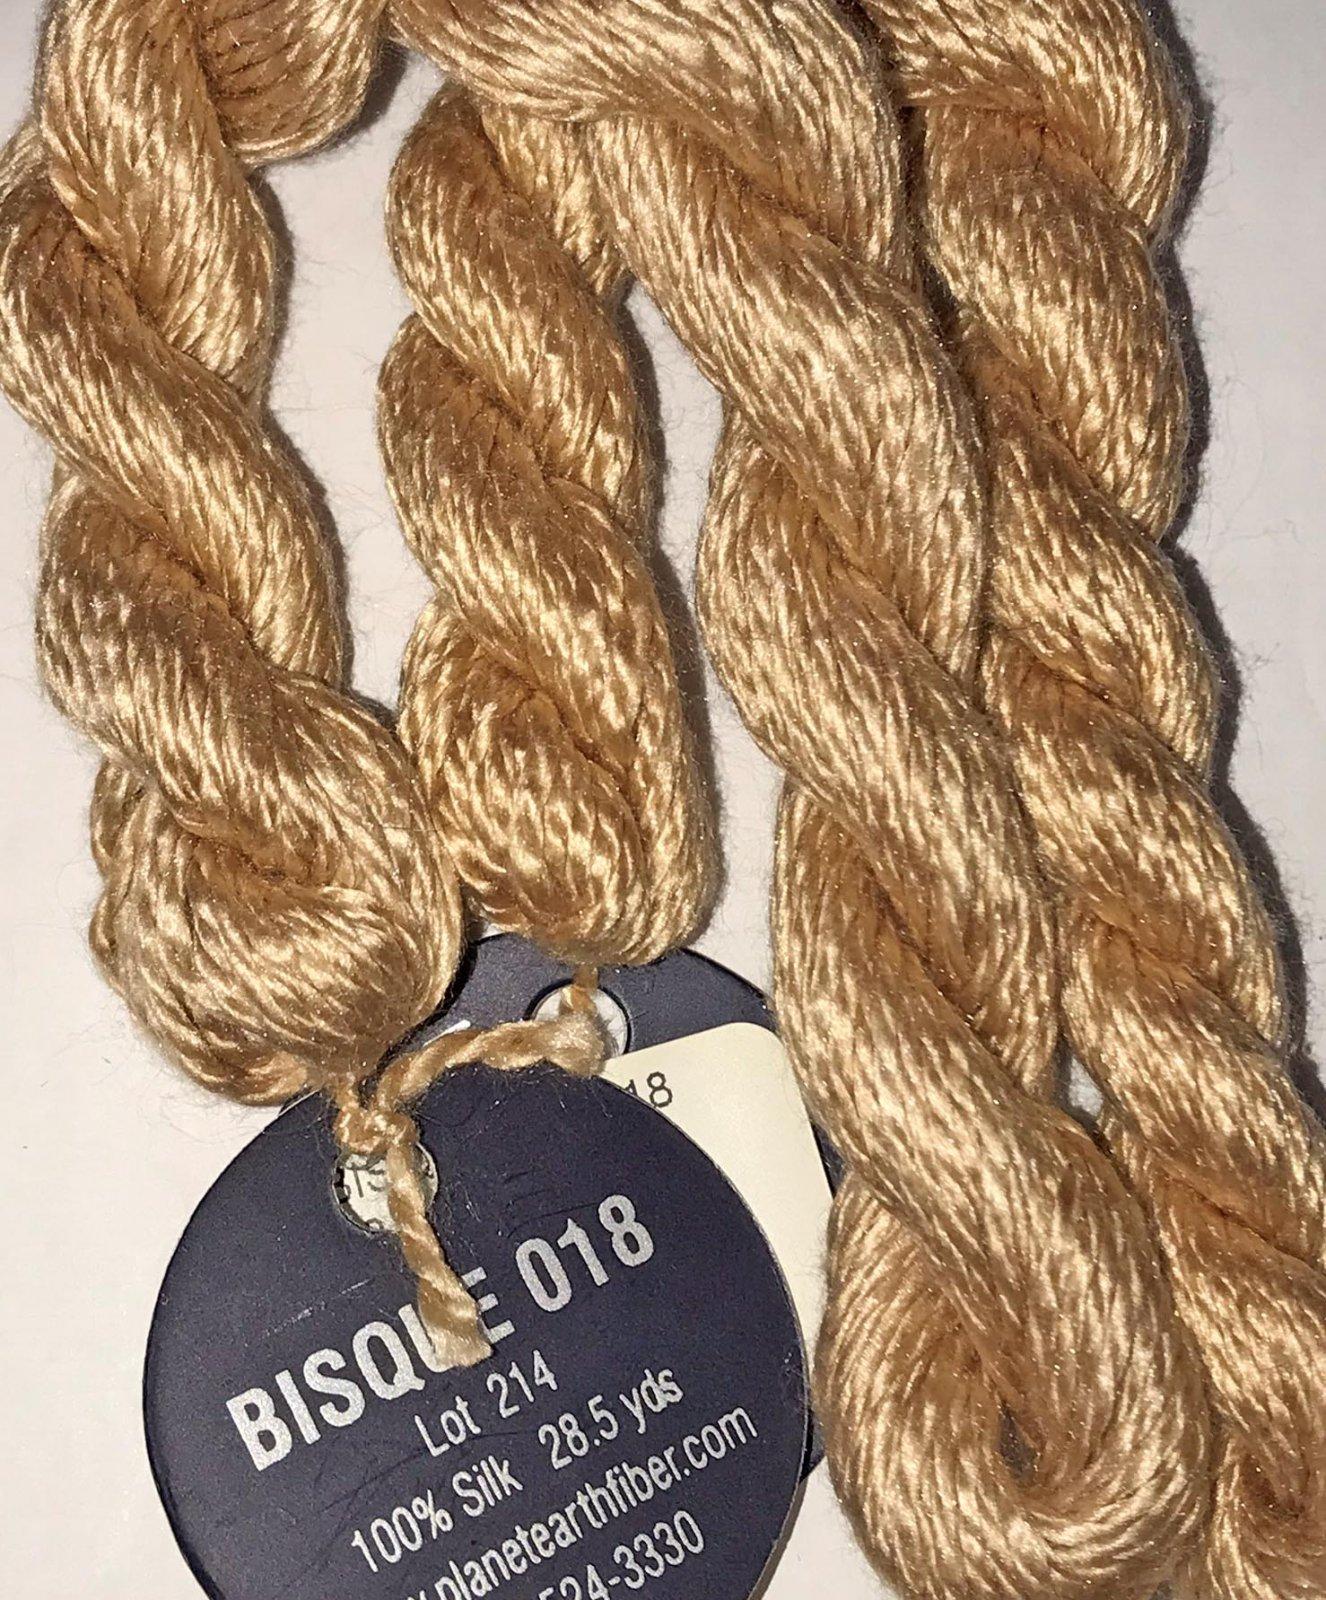 PES-BISQUE-018